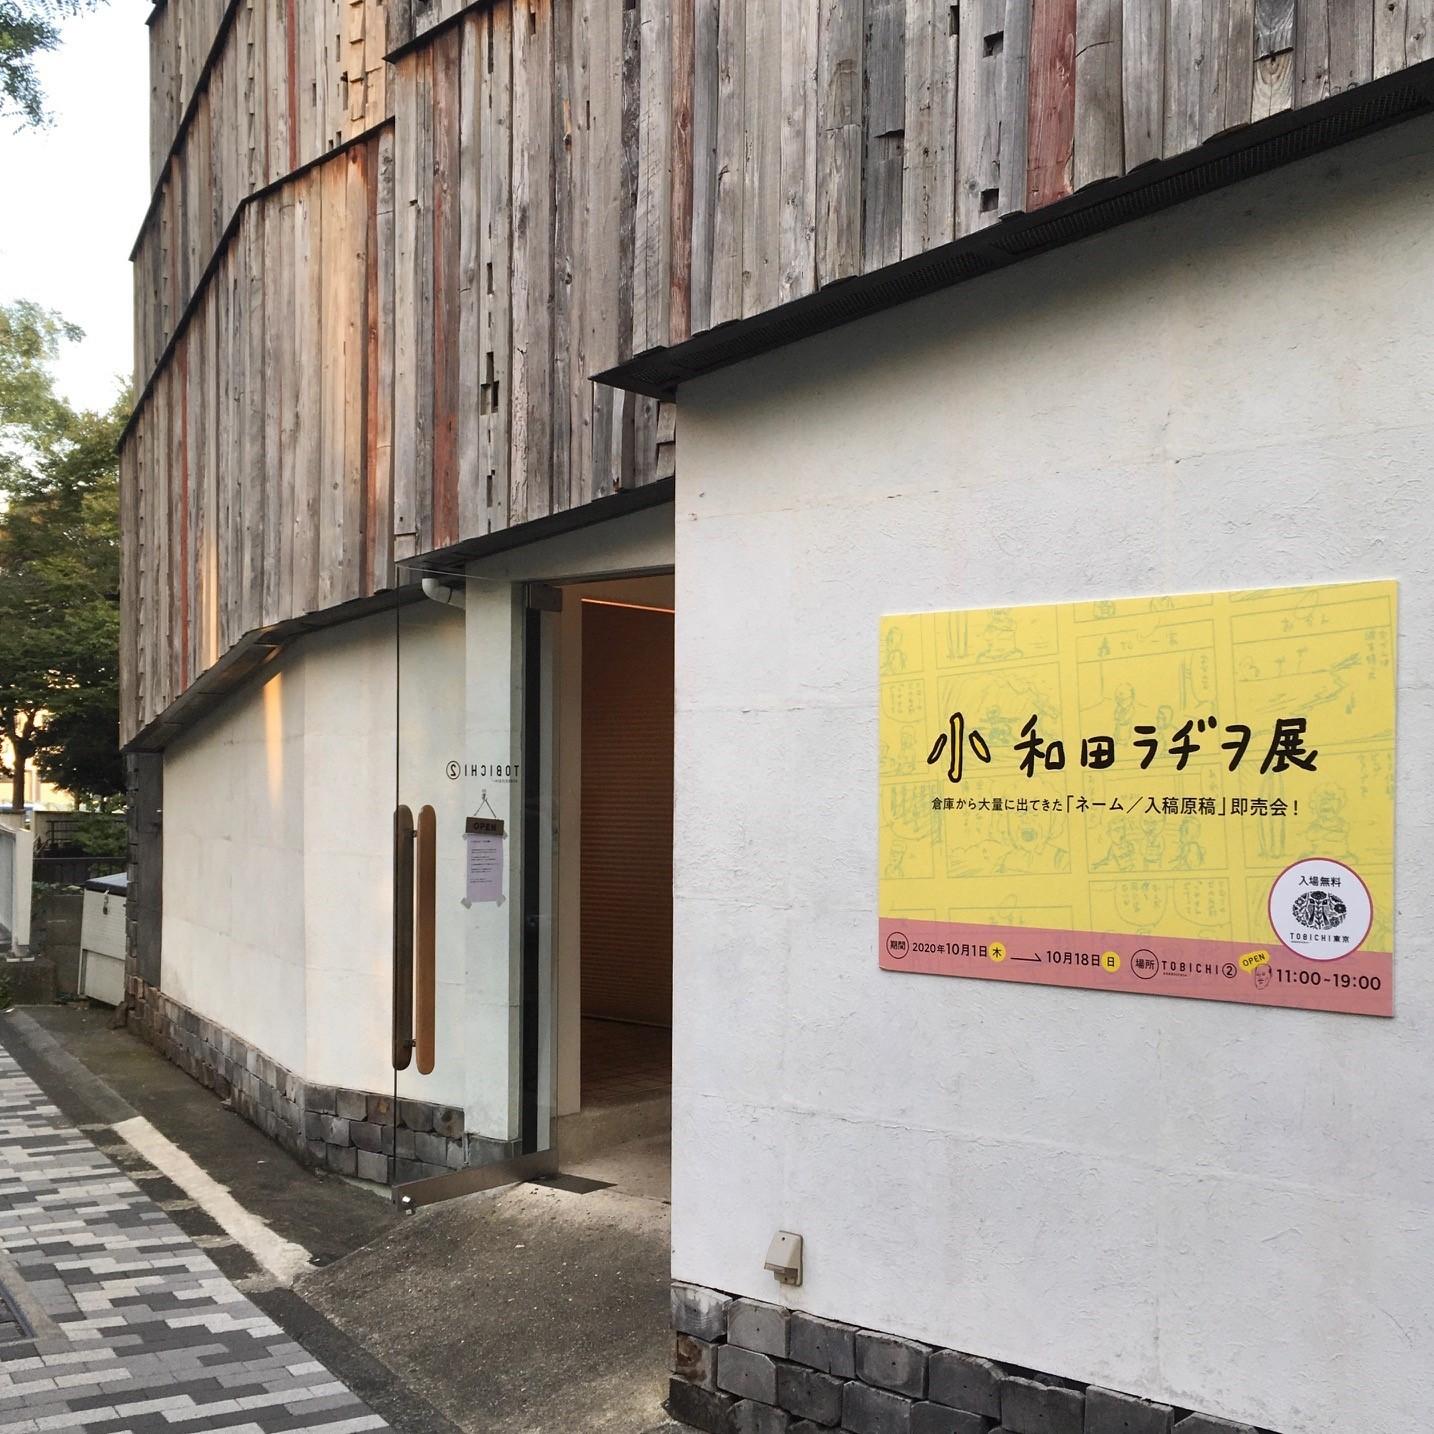 行けば楽しき、大&小の和田ラヂヲ展!_1_2-1